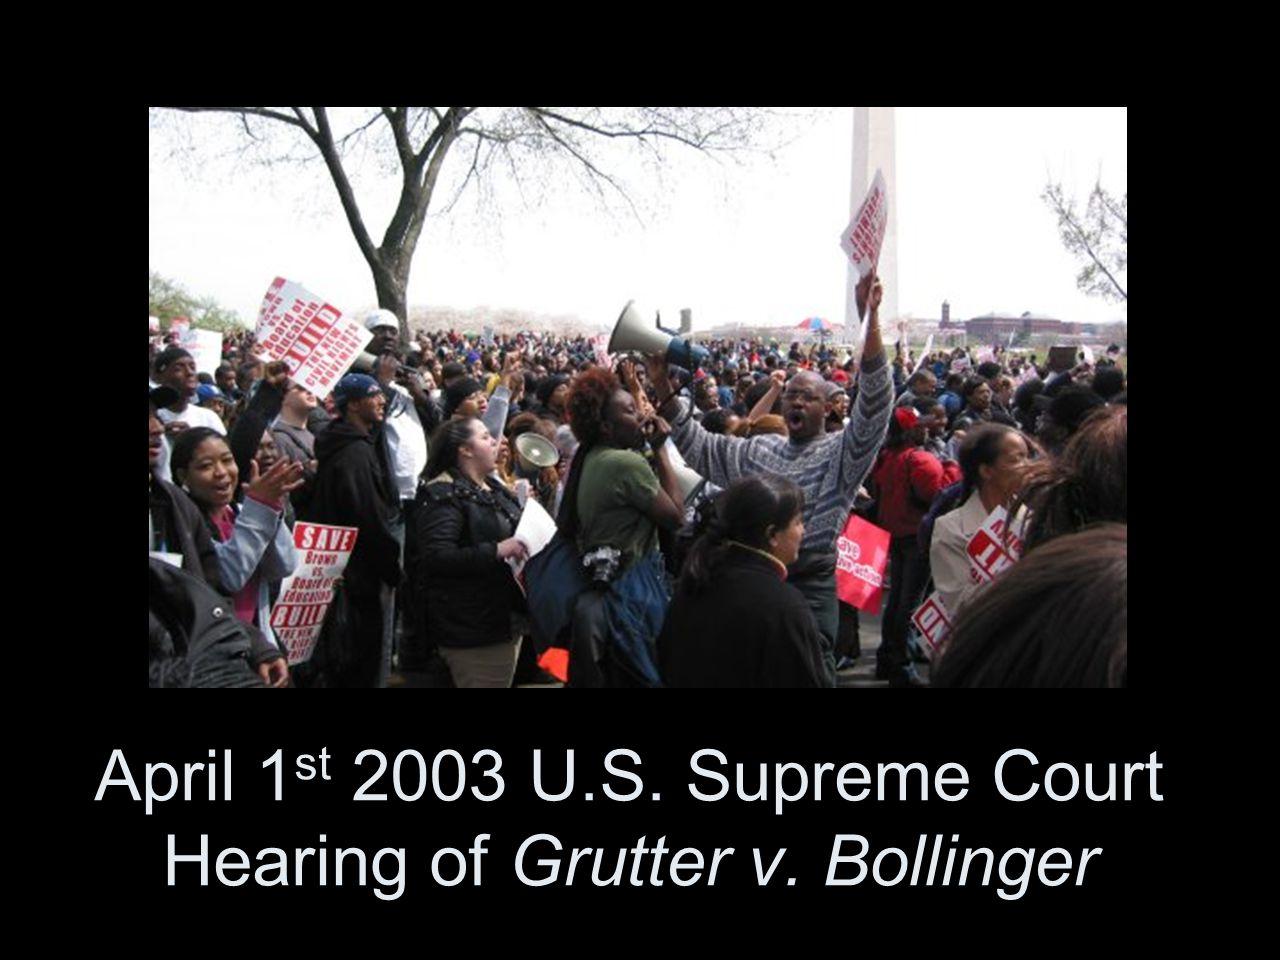 April 1 st 2003 U.S. Supreme Court Hearing of Grutter v. Bollinger